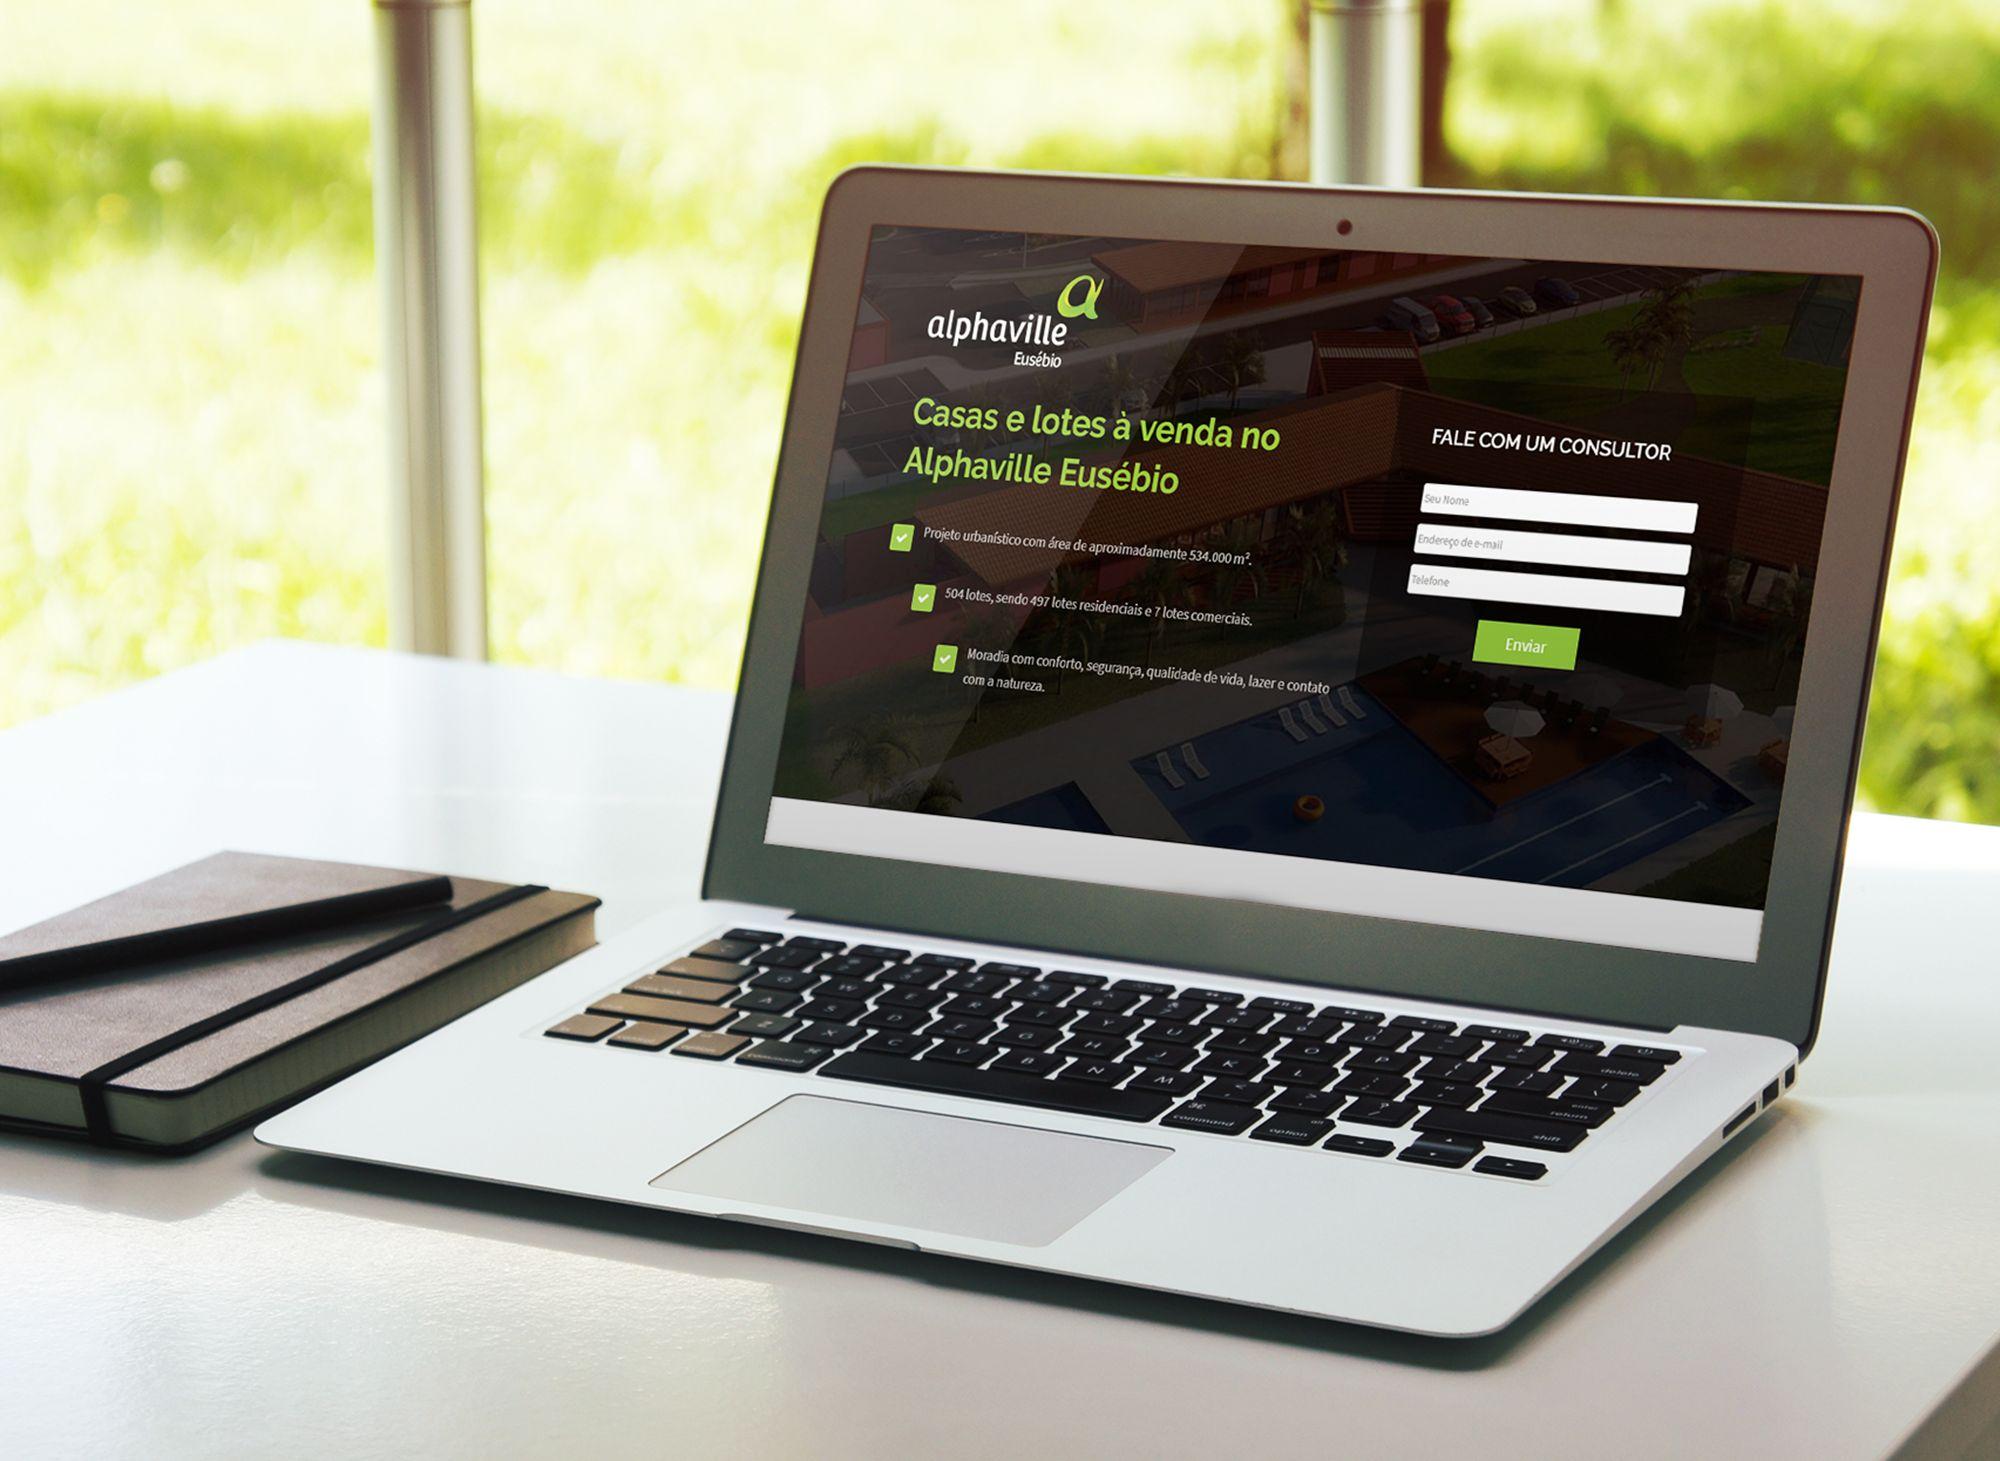 landing-page-alphaville-eusebio-alpha-mil-imoveis-portfolio-agencia-diretriz-digital-marketing1